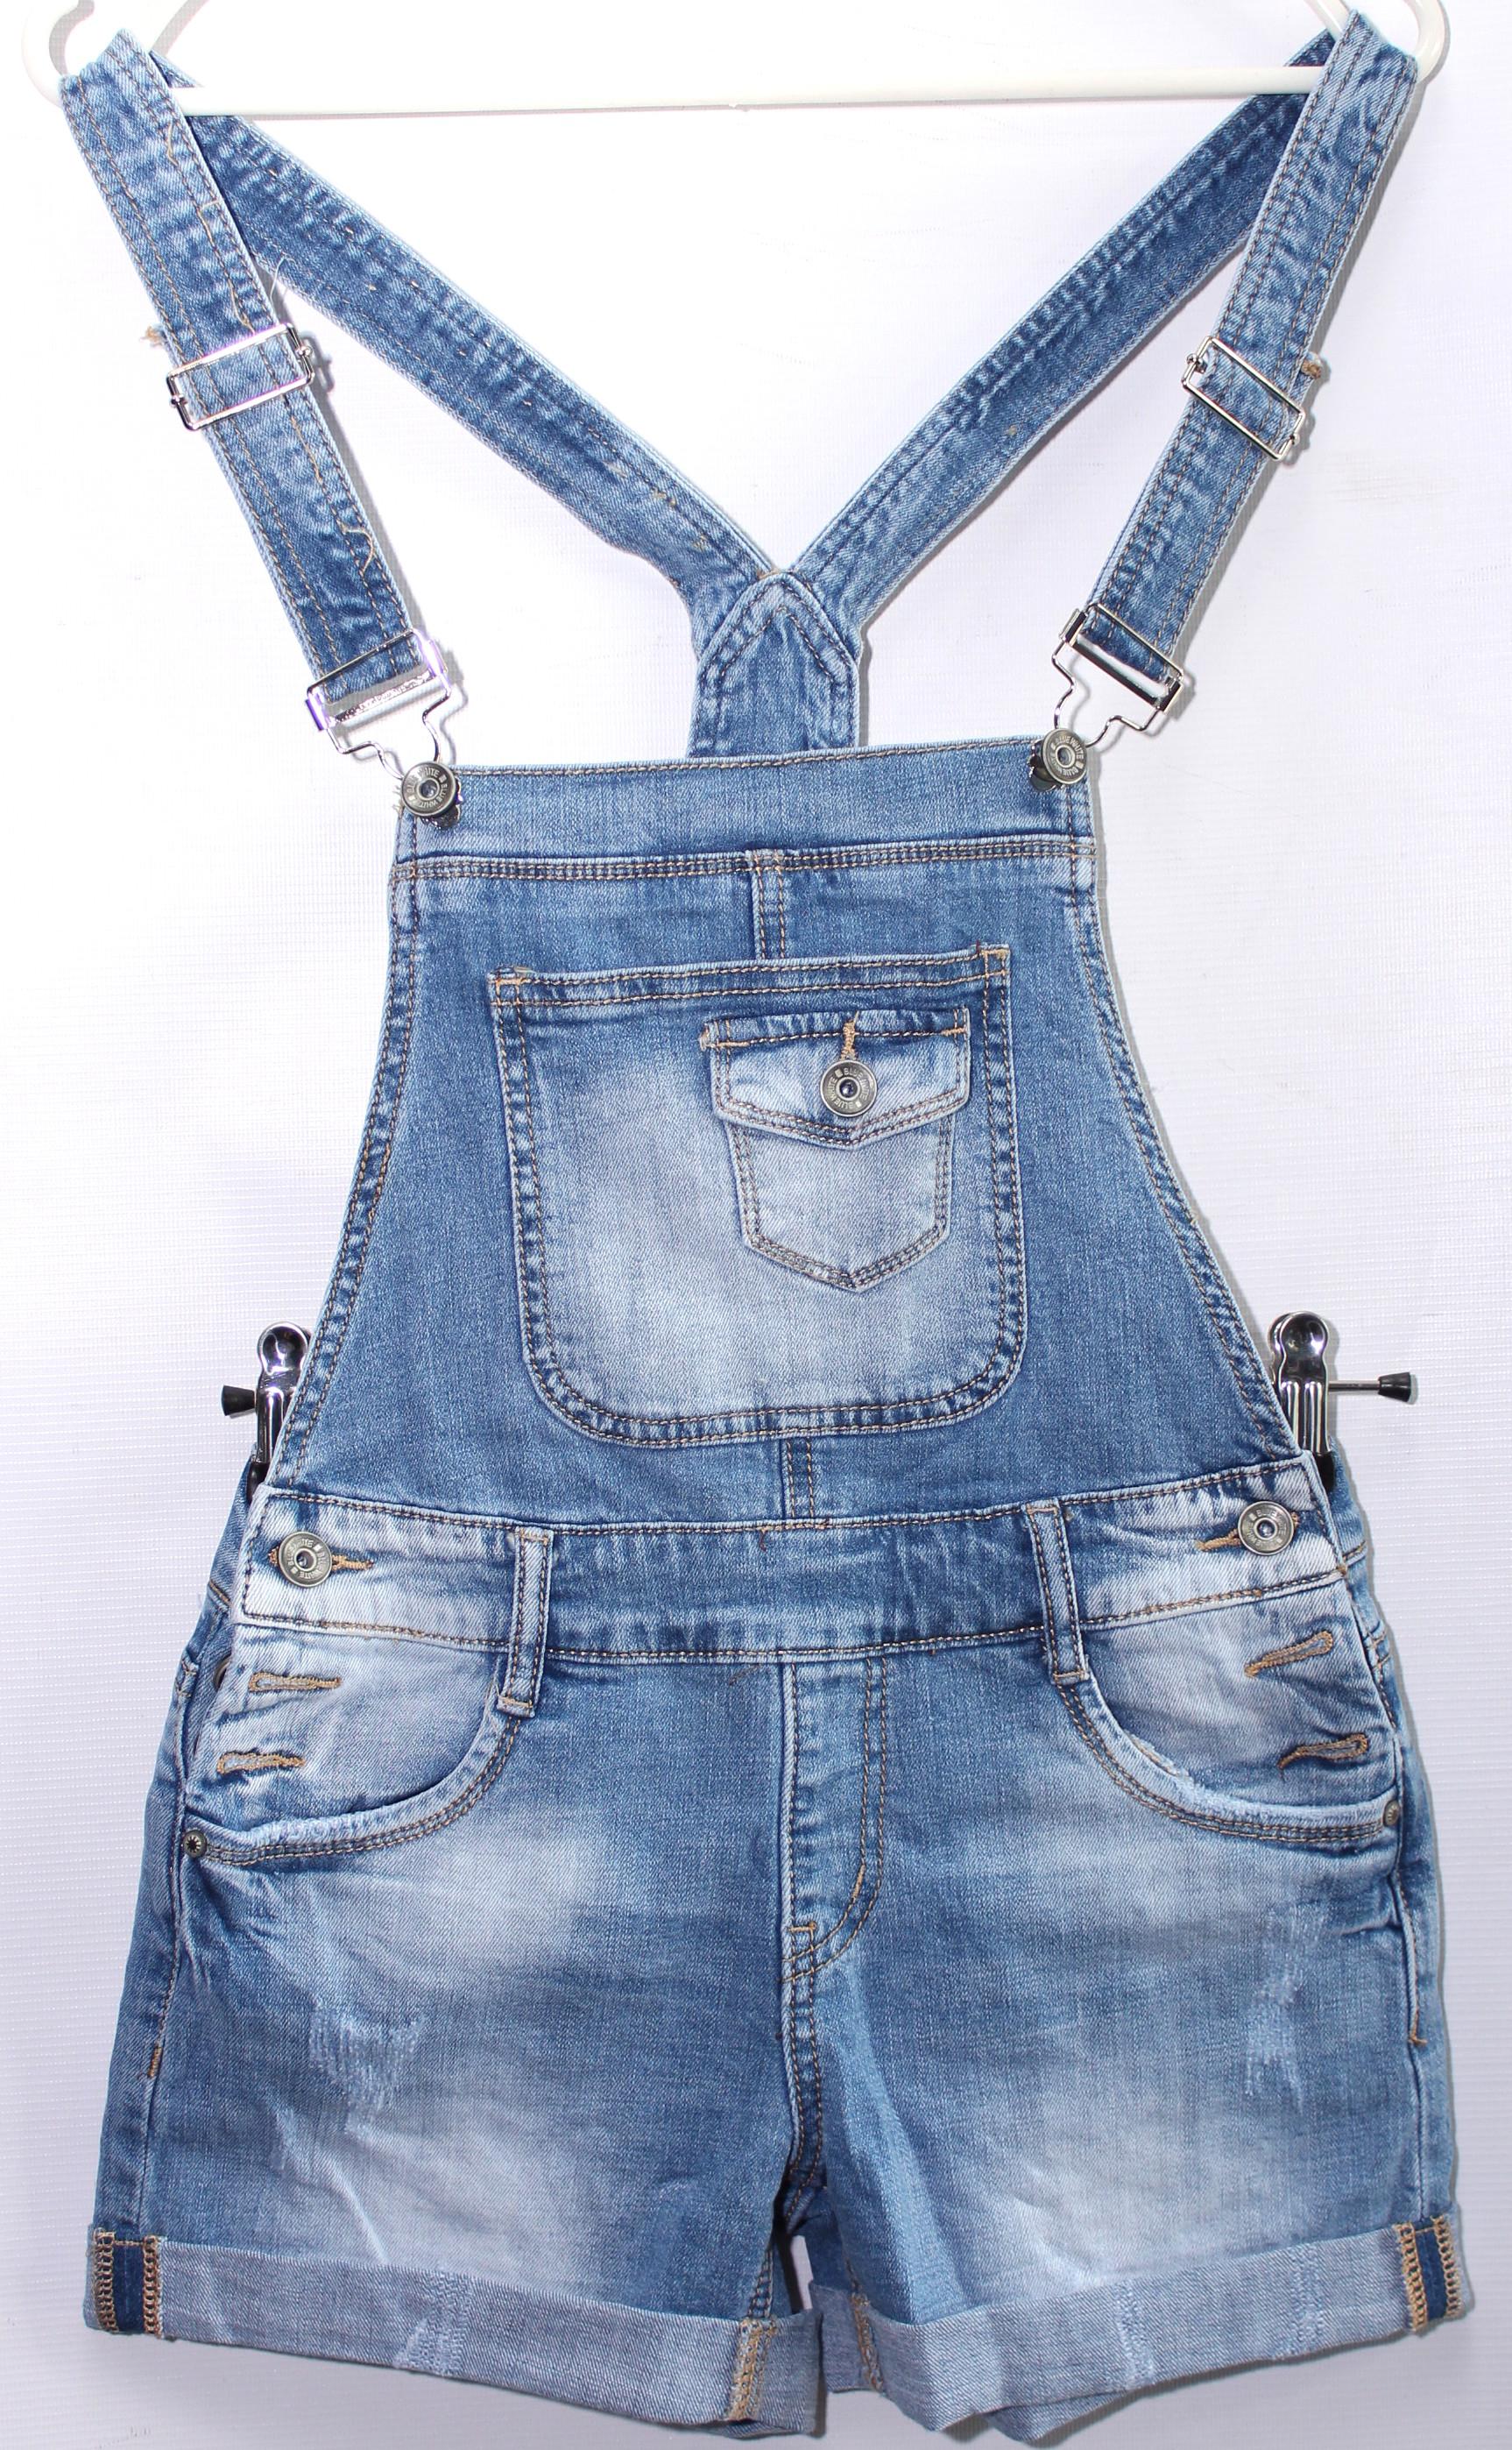 Комбинезоны джинсовые женские ZJY  оптом 50179864 068-36